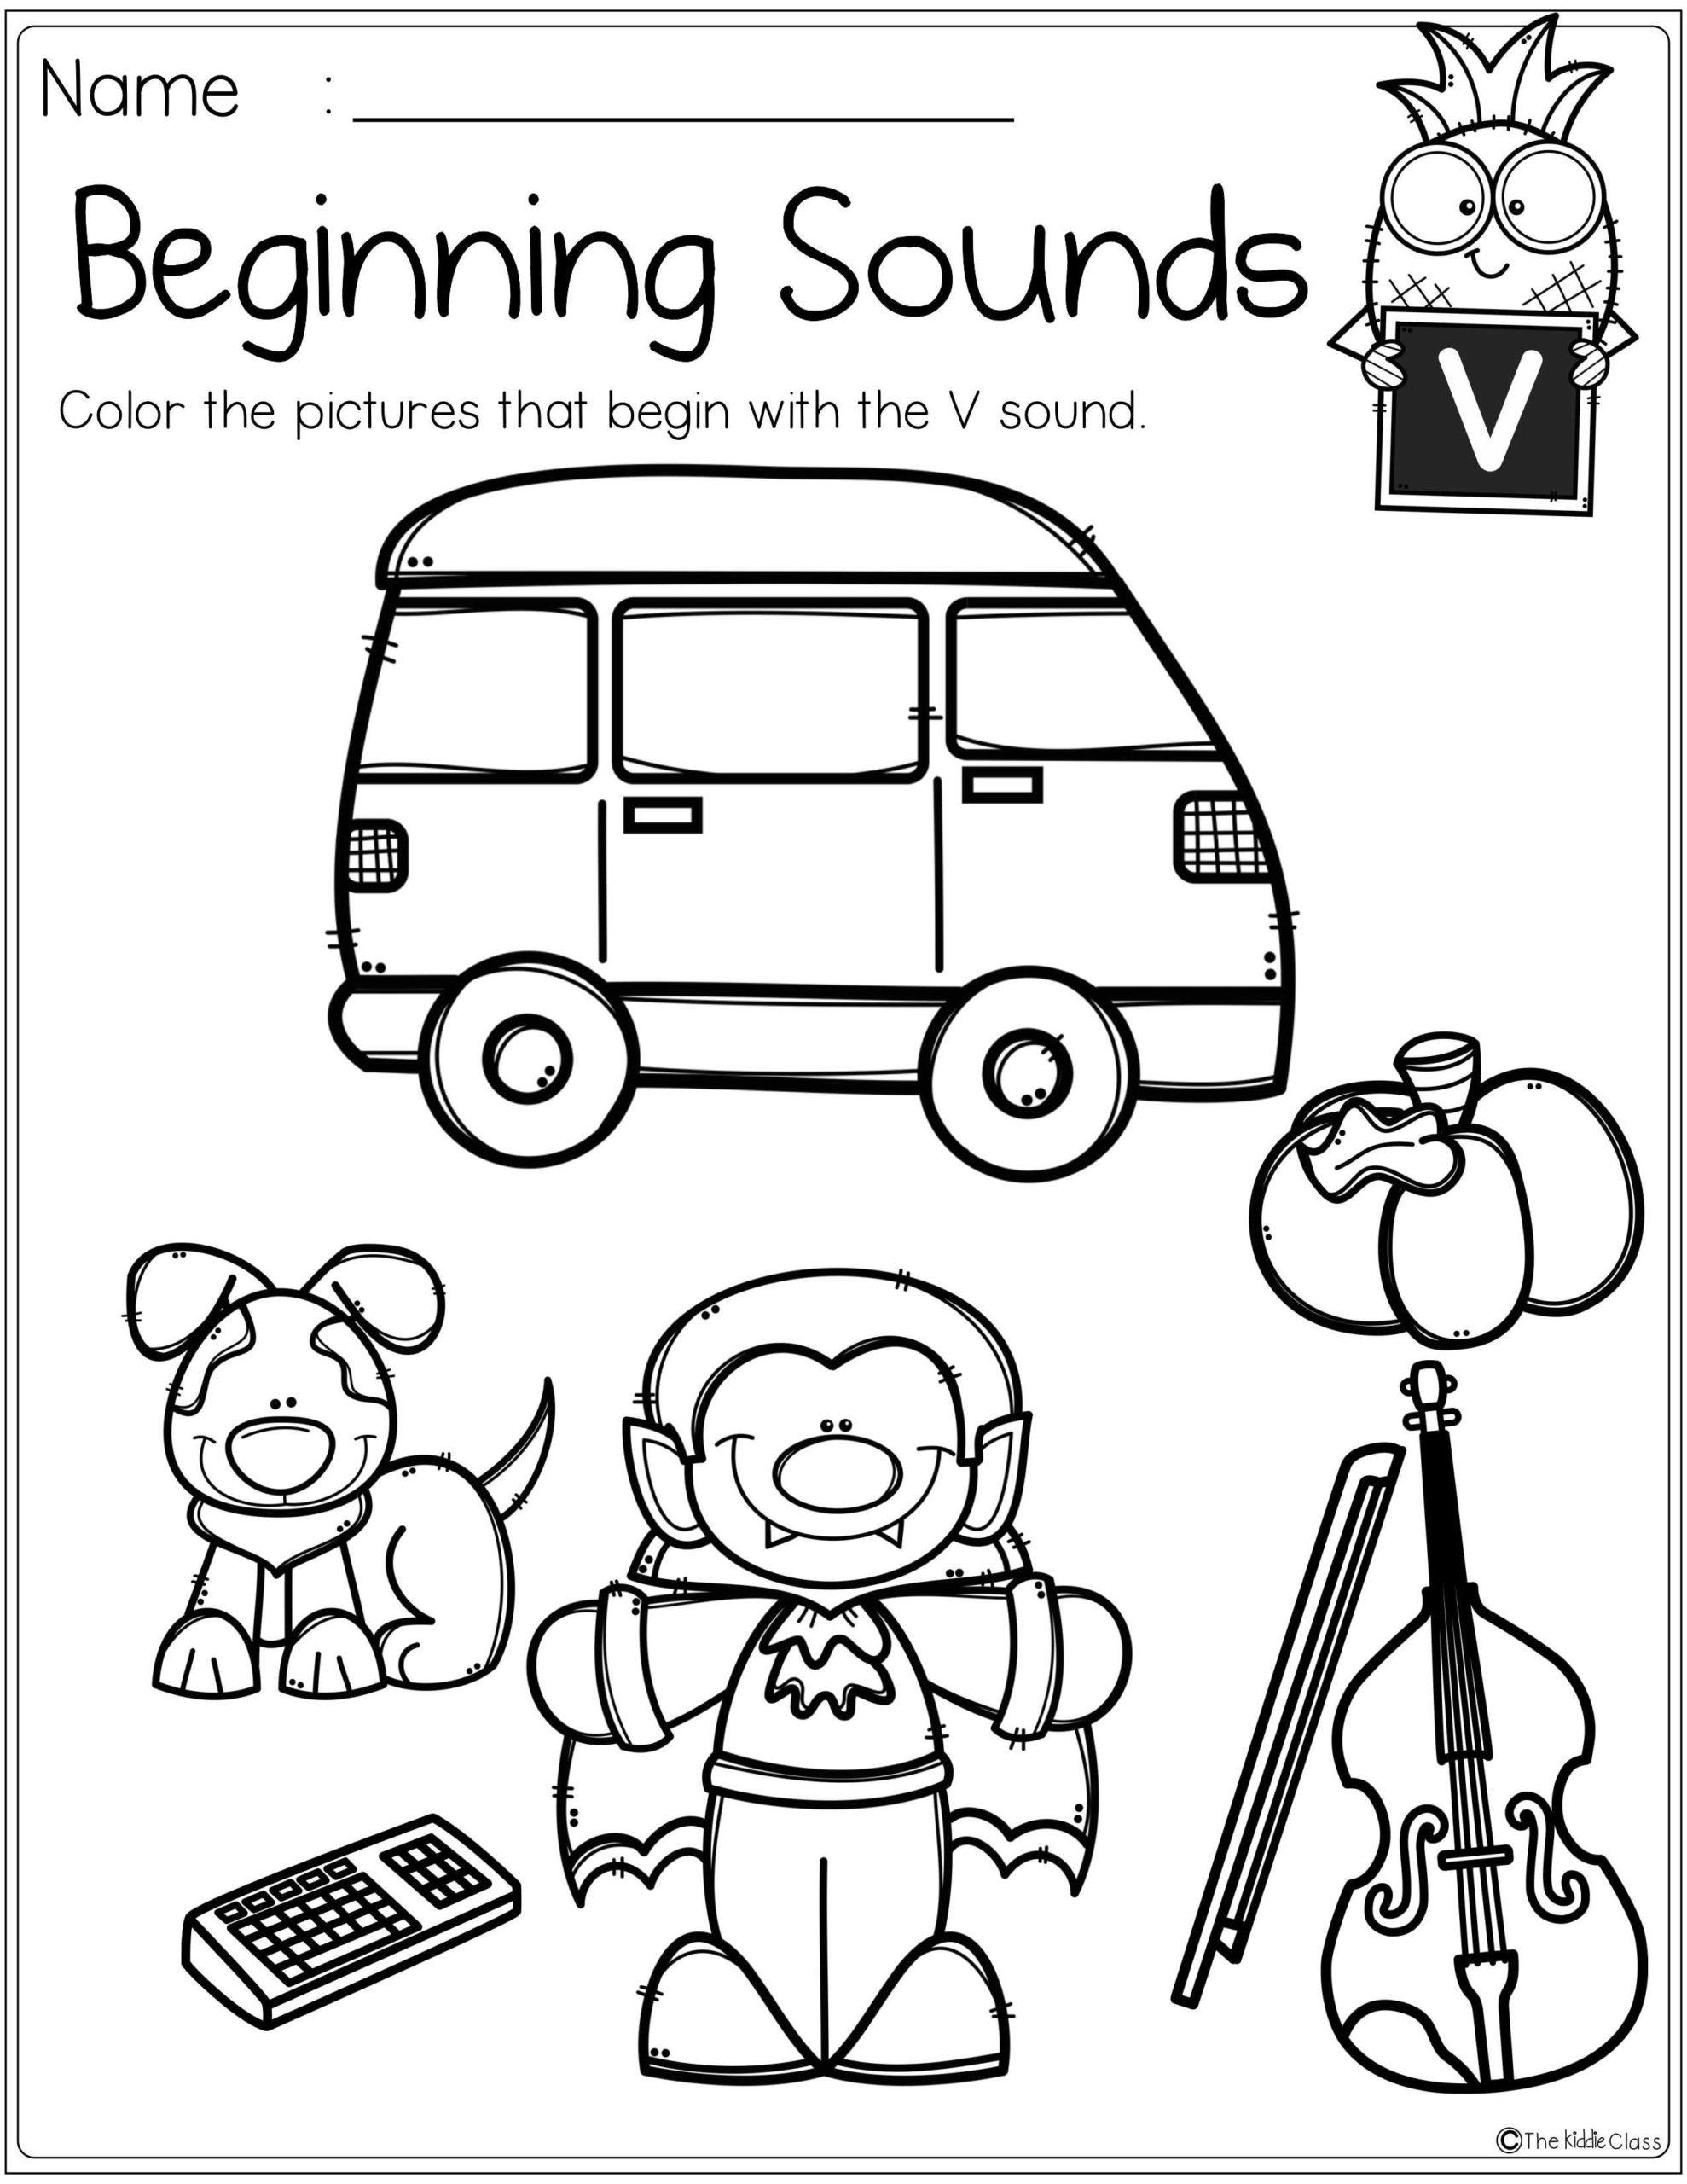 Beginning Sounds Christmas Worksheets | Printable Worksheets